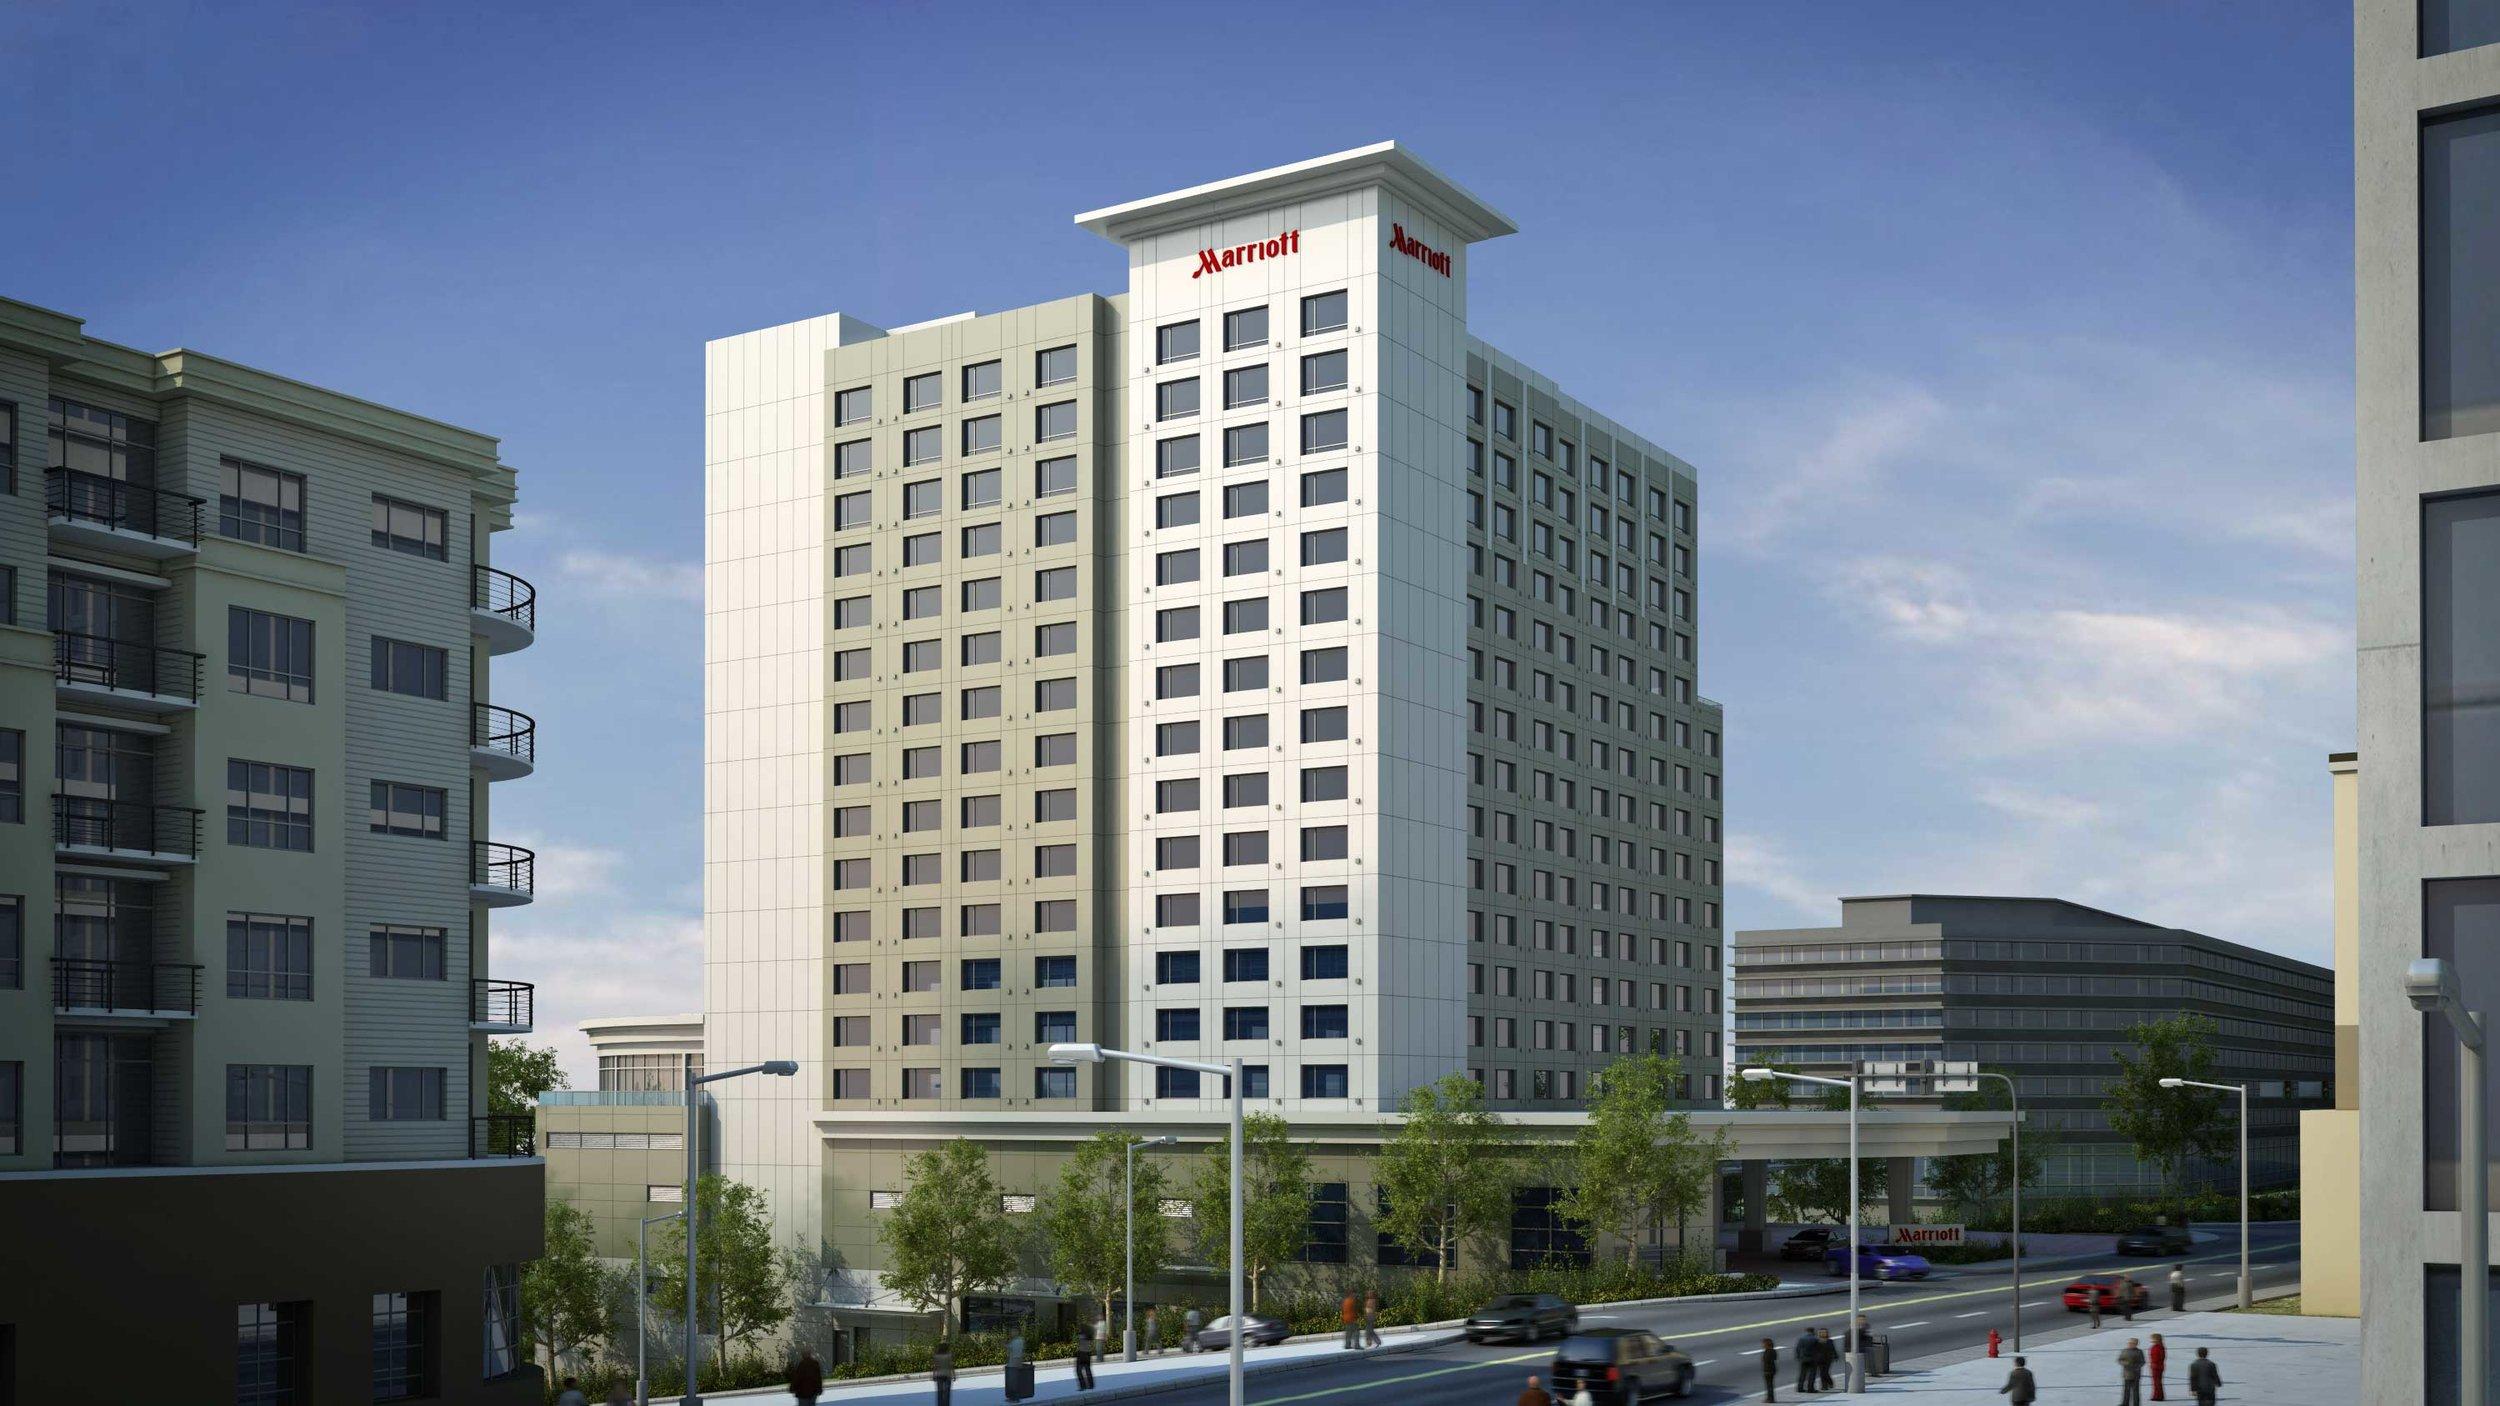 Marriott-NW-View_Finaljpgg.jpg